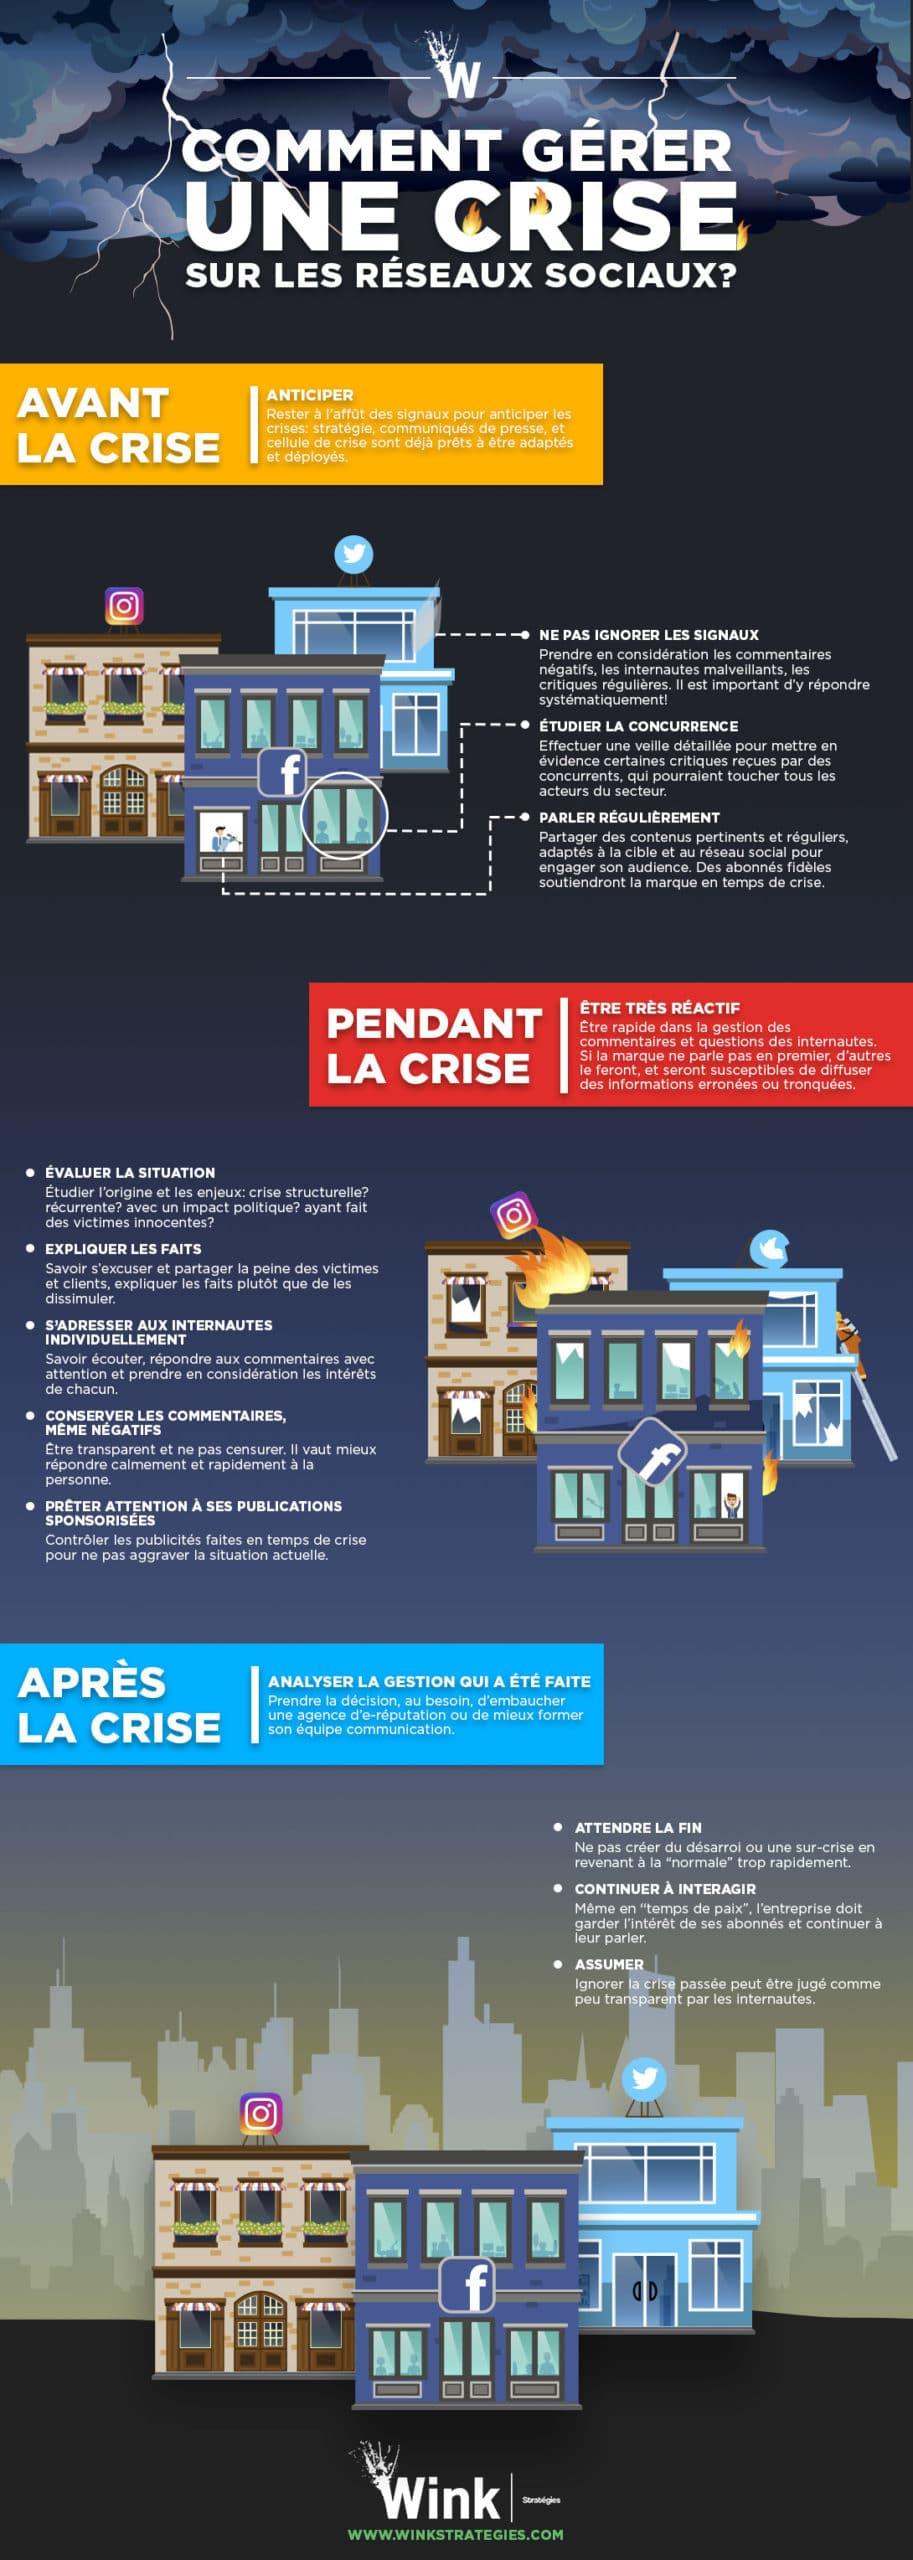 Infographie Comment gérer une crise sur les médias sociaux